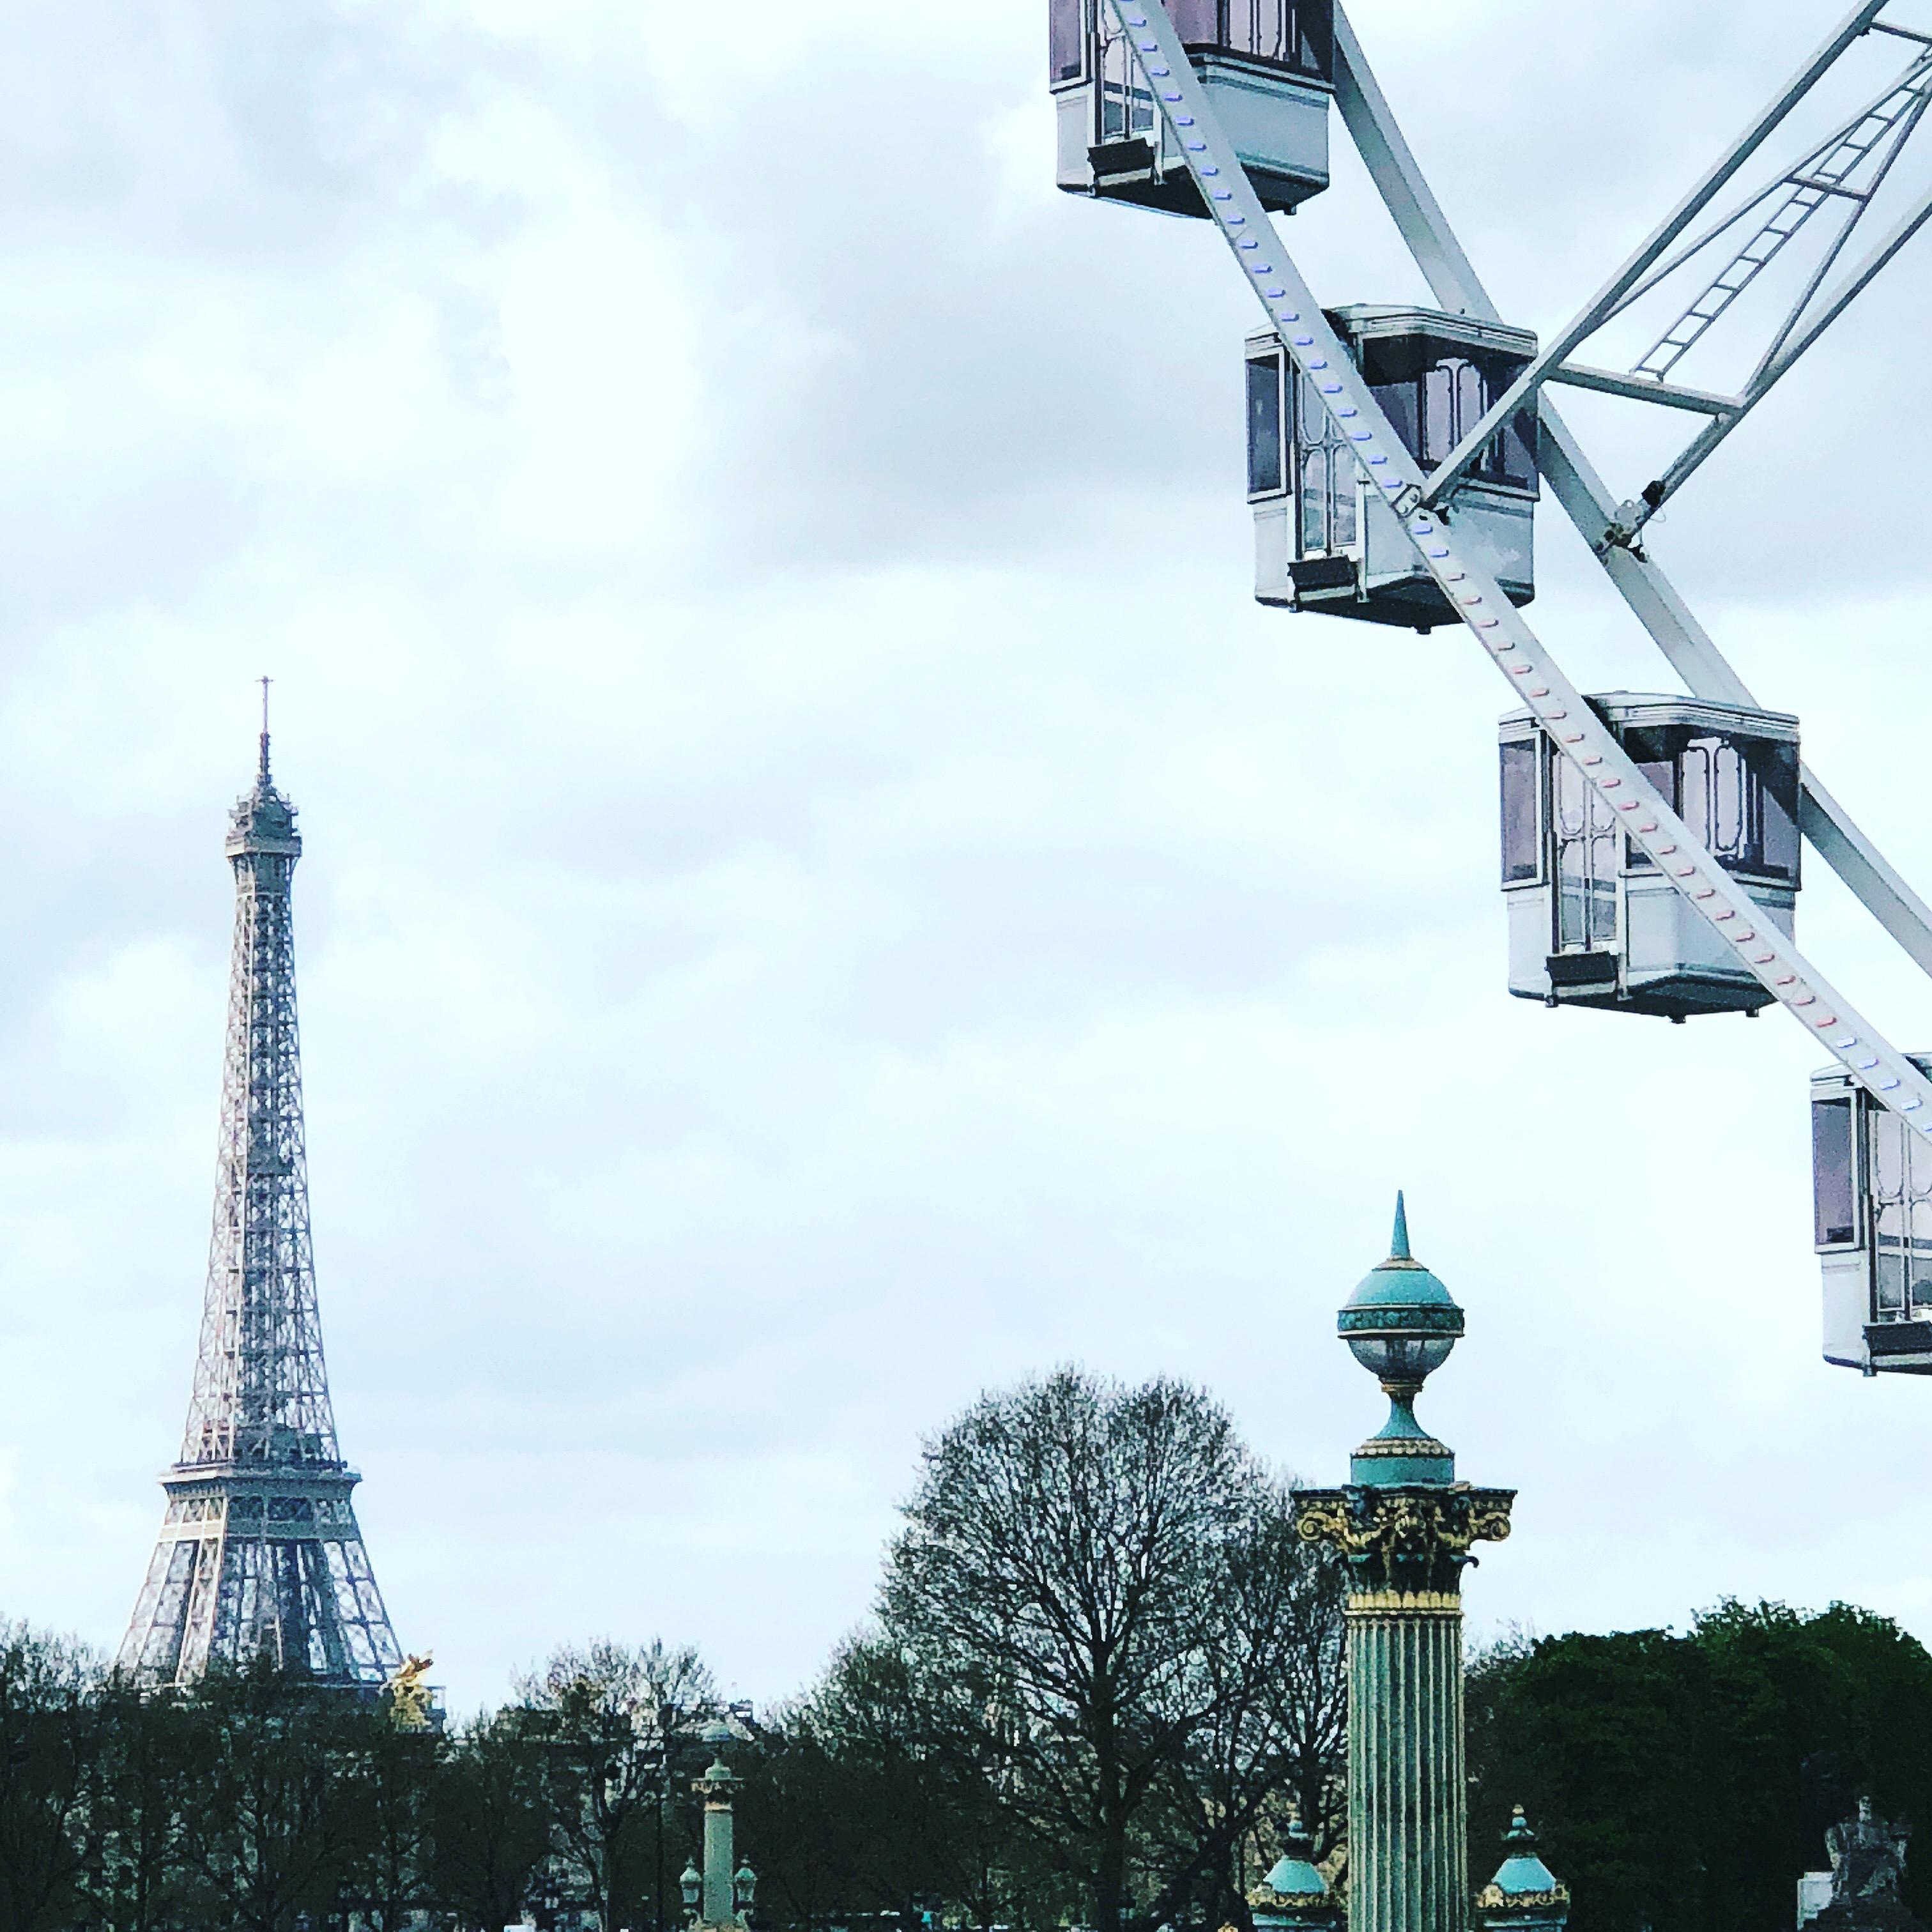 IMG 2184 - Un séjour à Paris quand t'es un ex-parisien (Et que tu n'aimes rien car t'étais parisien).